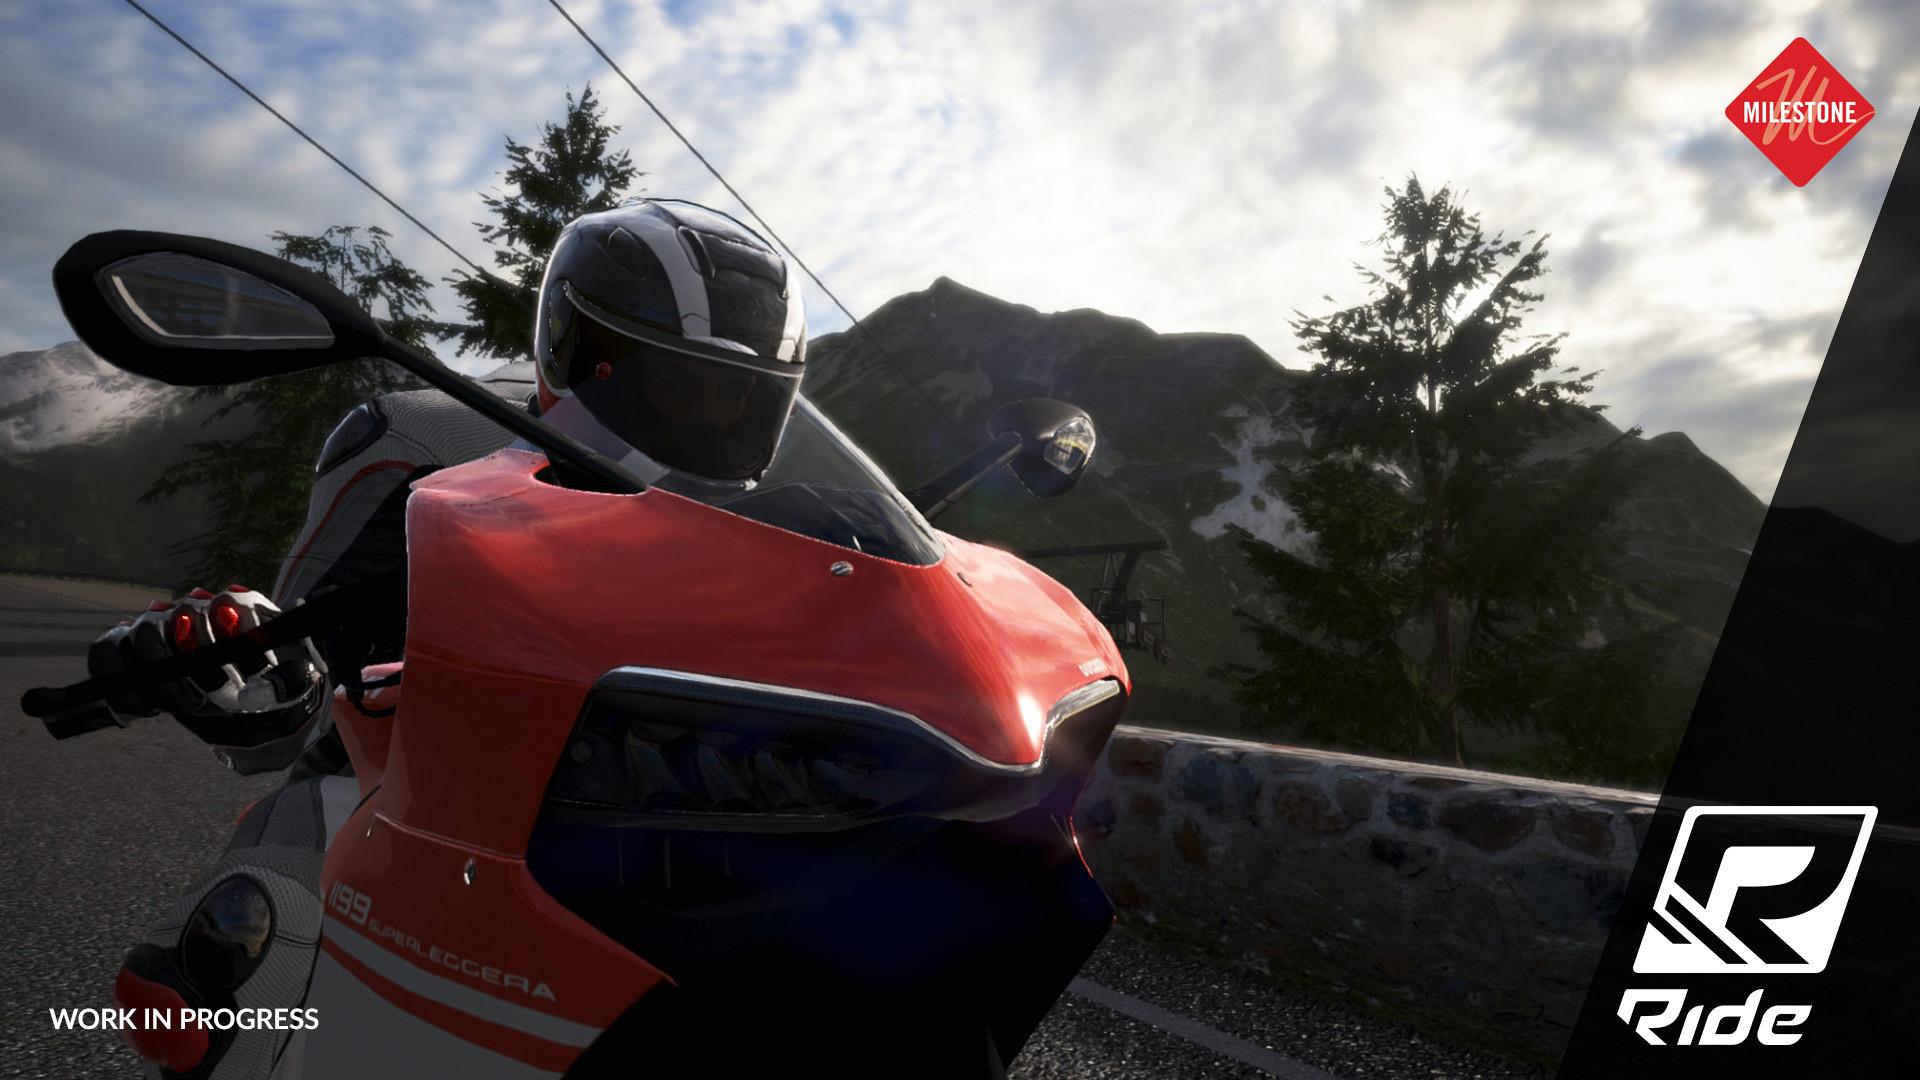 První obrázky z motocyklových závodů Ride 103207